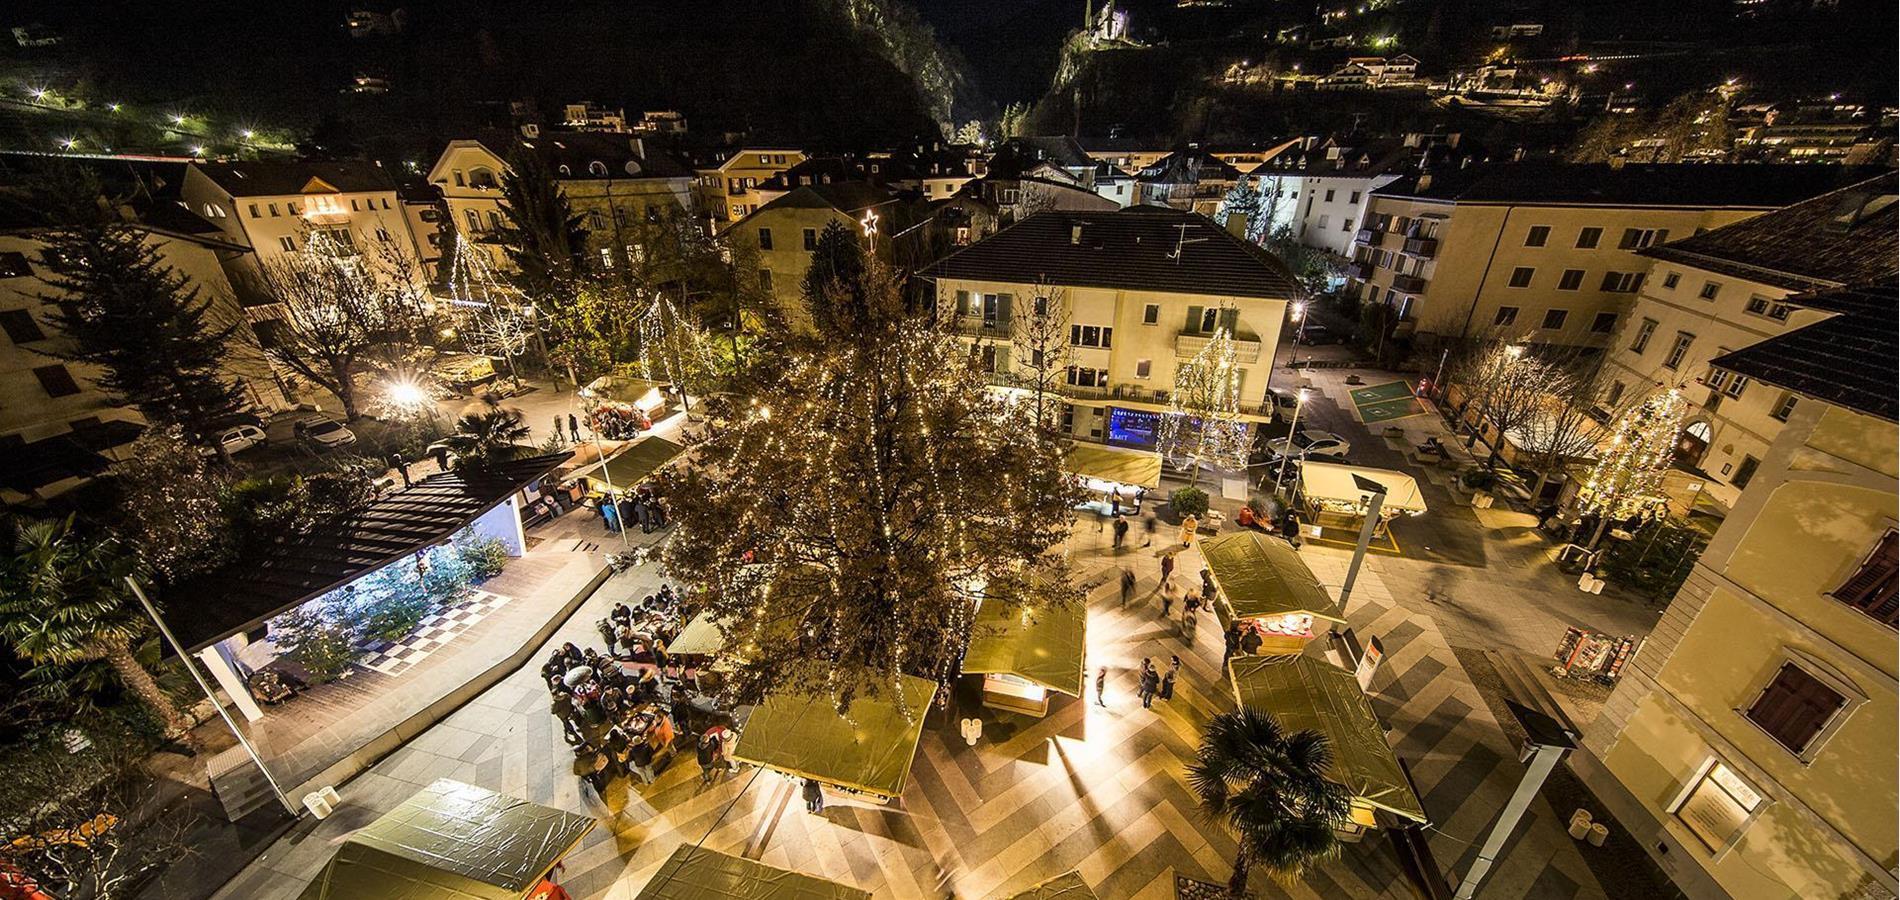 Weihnachtsmarkt Länger Als 24 12.Weihnachten In Lana Und Umgebung